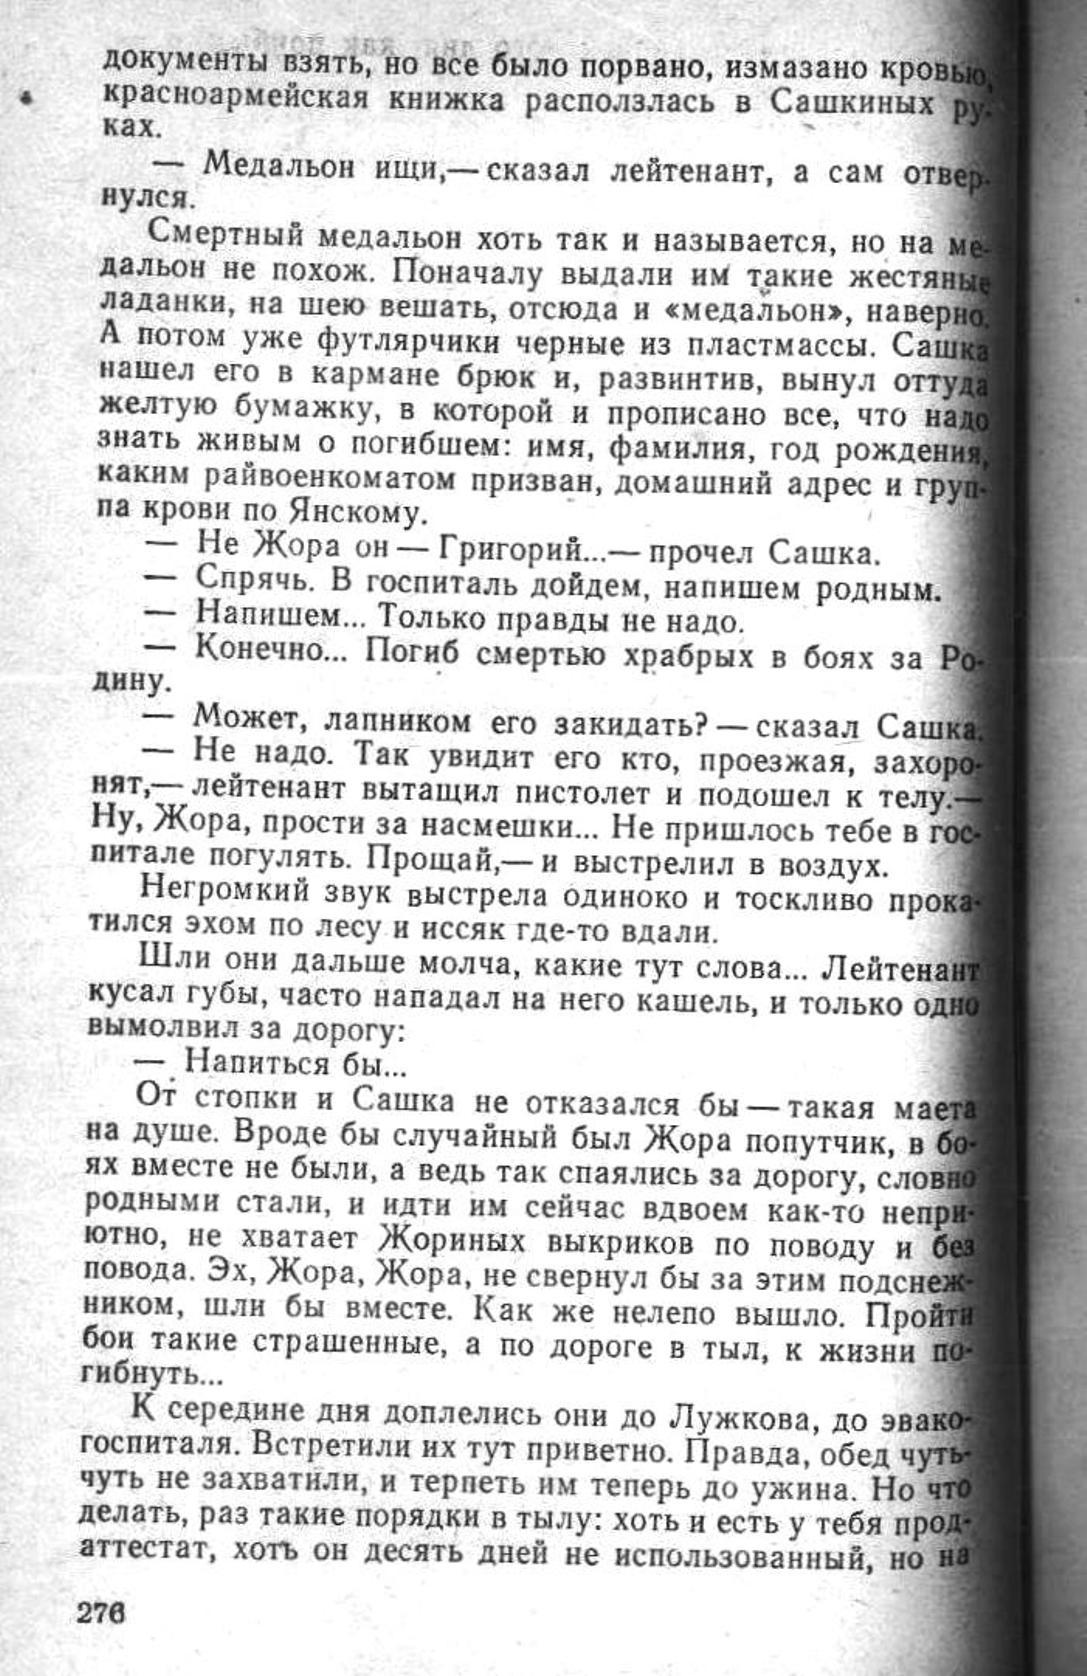 Сашка. Повесть. Вячеслав Кондратьев. 015. 003